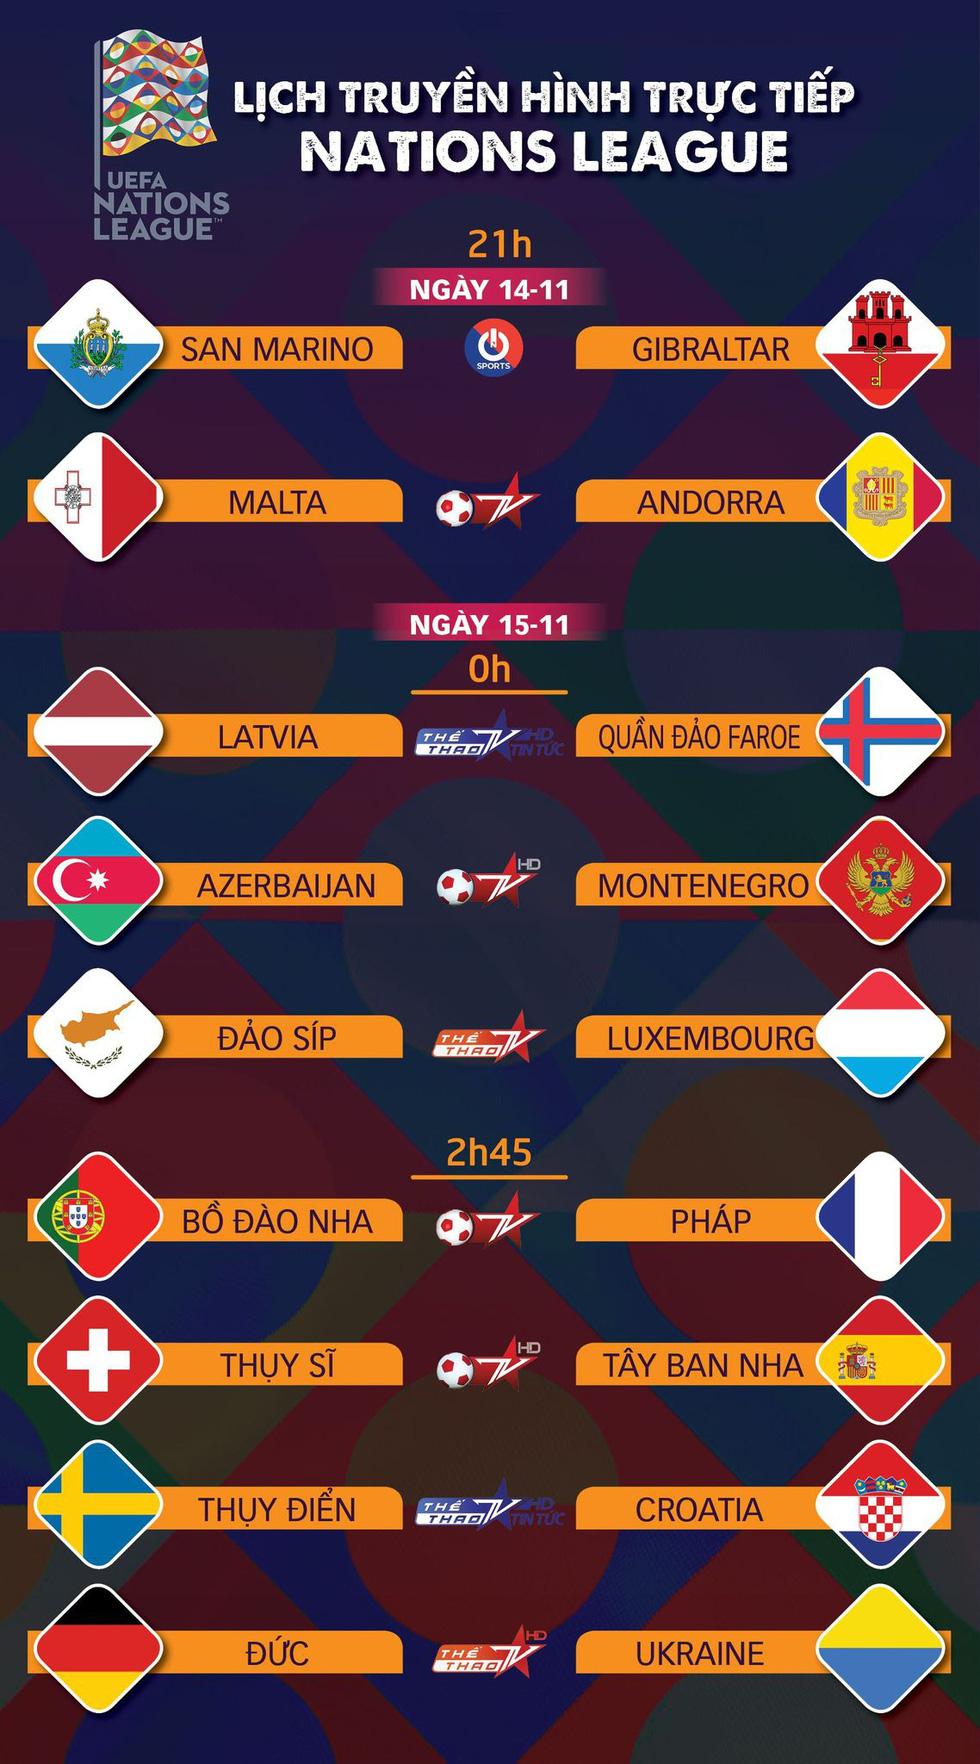 Lịch trực tiếp Nations League: Bồ Đào Nha gặp Pháp - Ảnh 1.